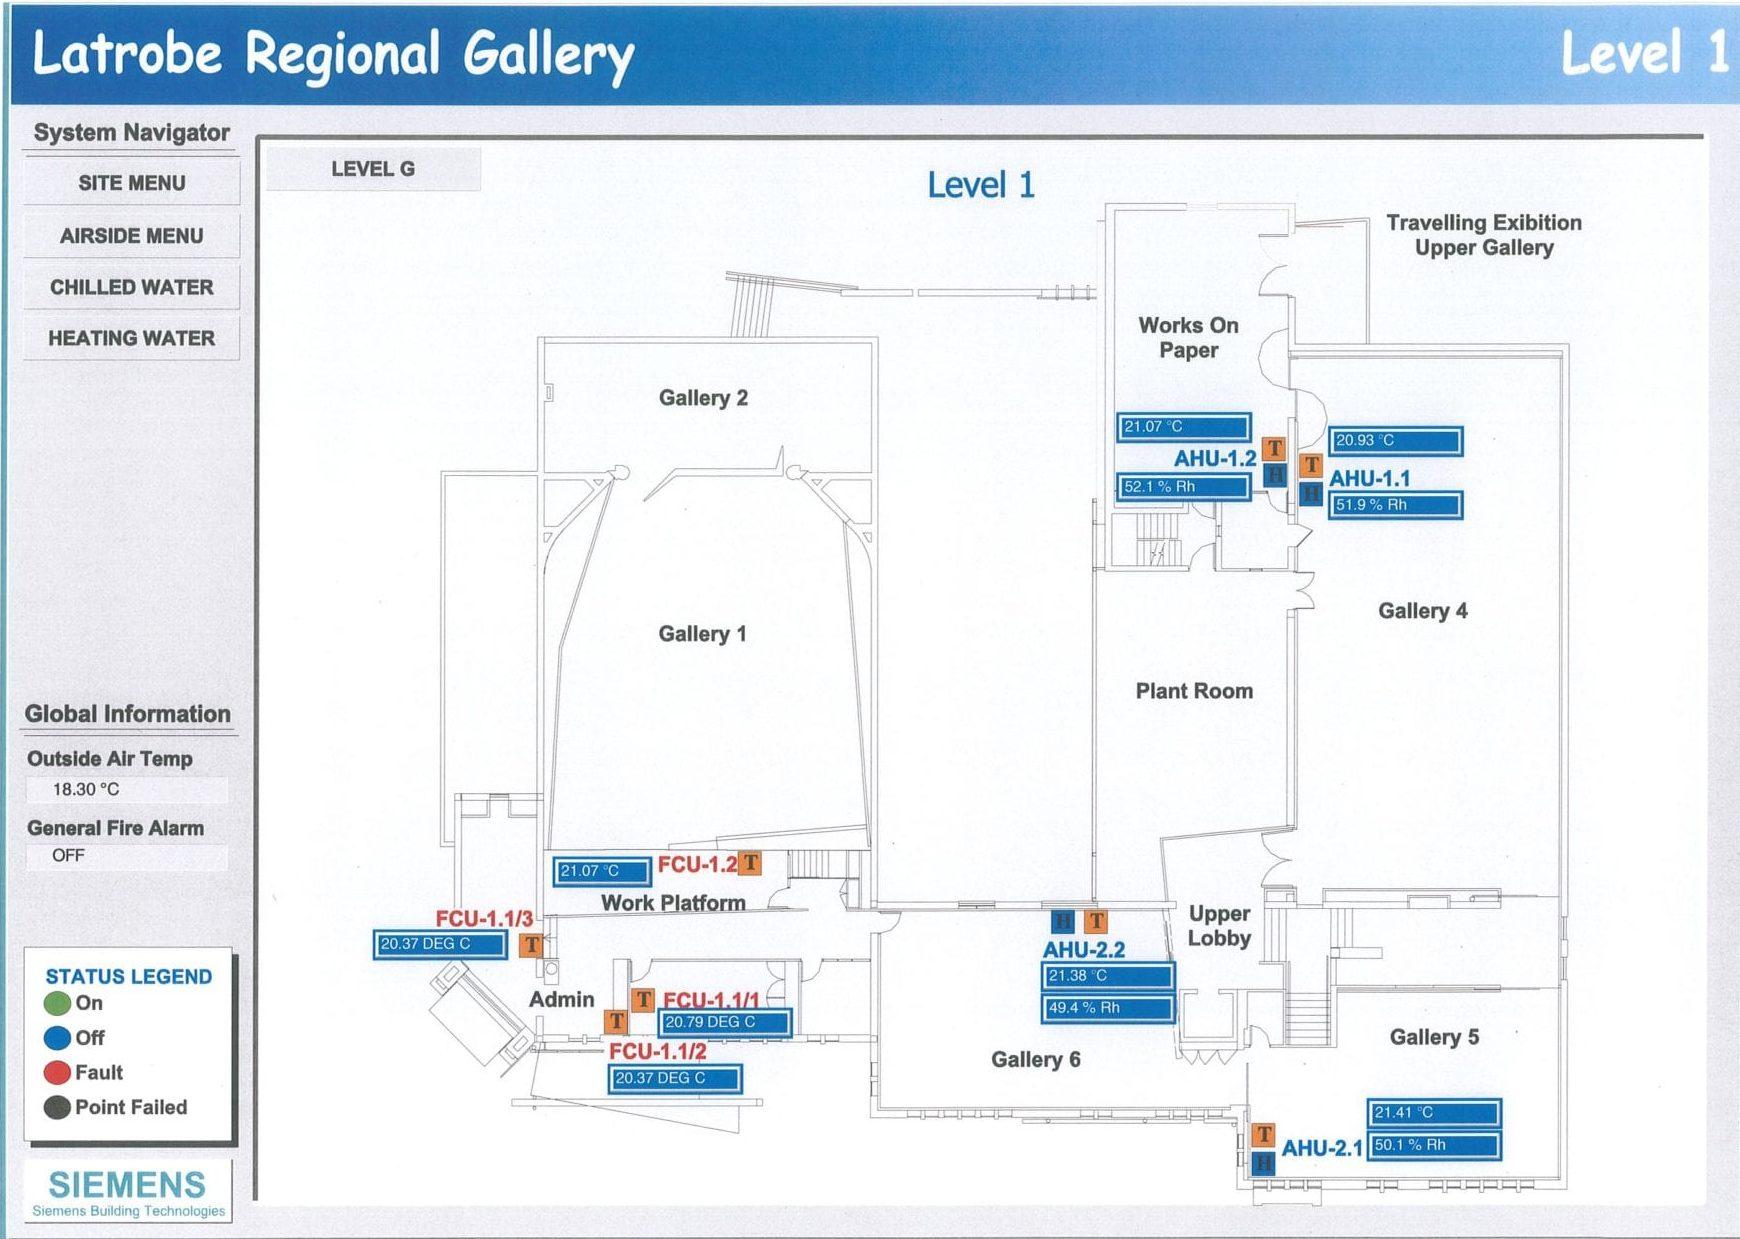 Digital climate control system, Level 1. Latrobe Regional Gallery.